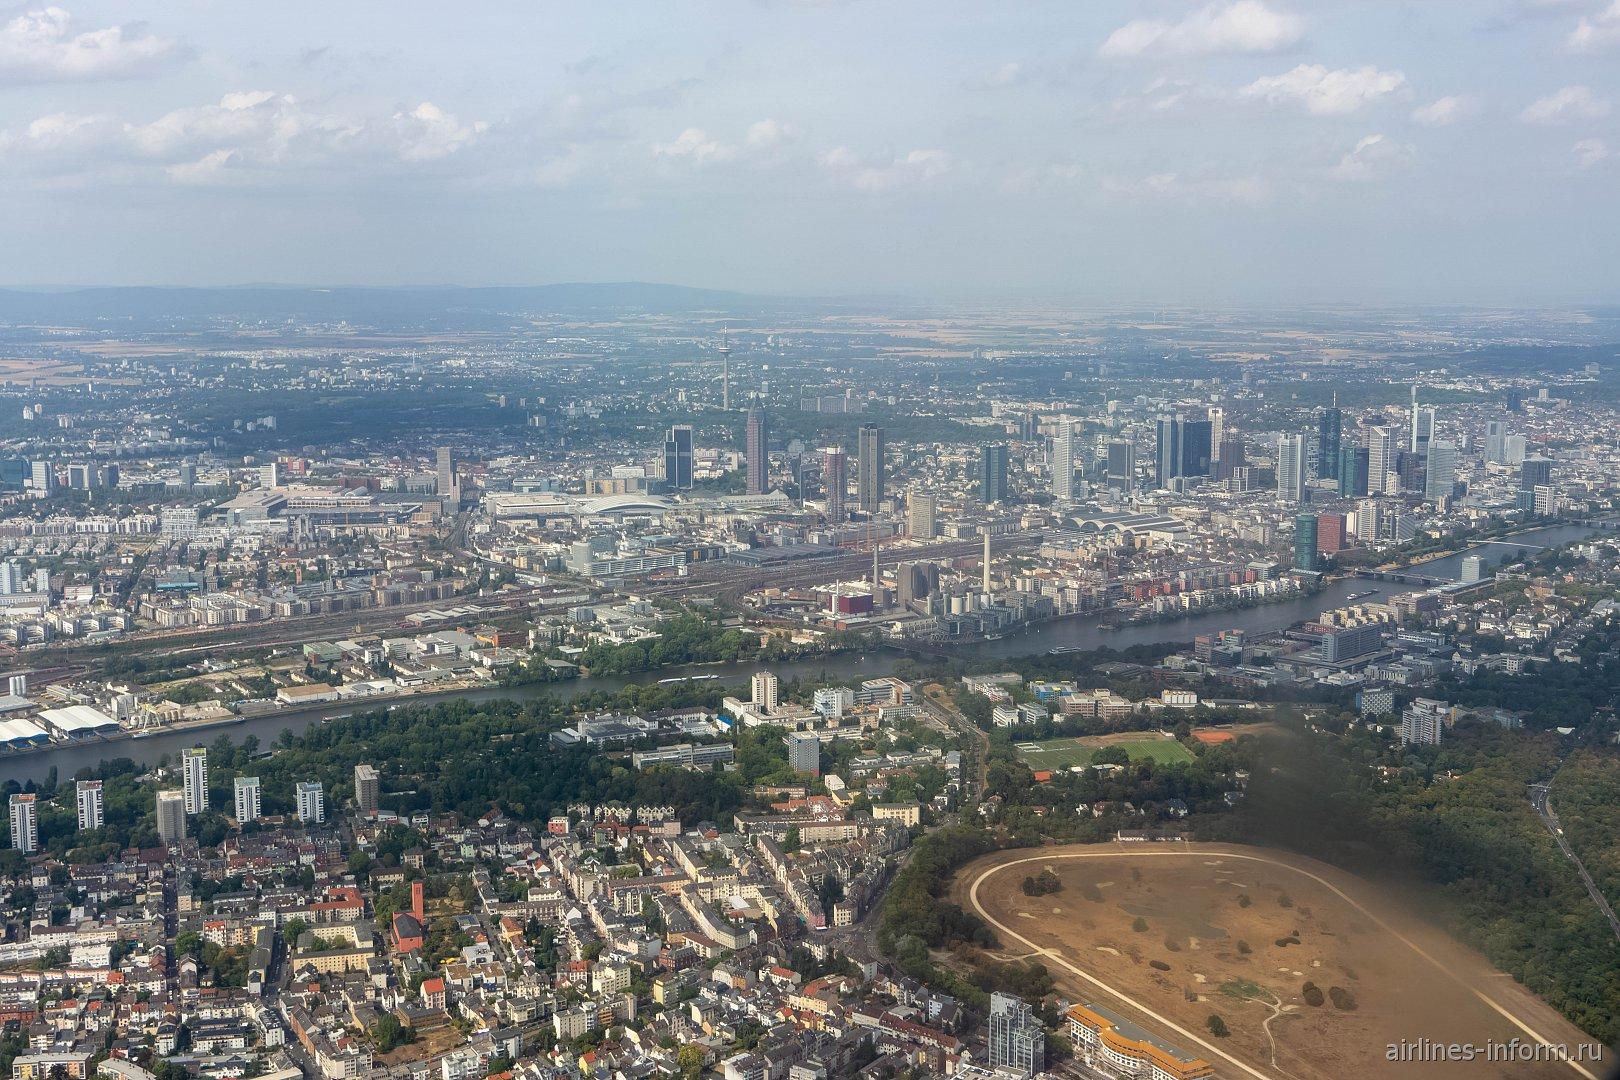 Вид из самолета на город Франкфурт-на-Майне перед посадкой в аэропорту